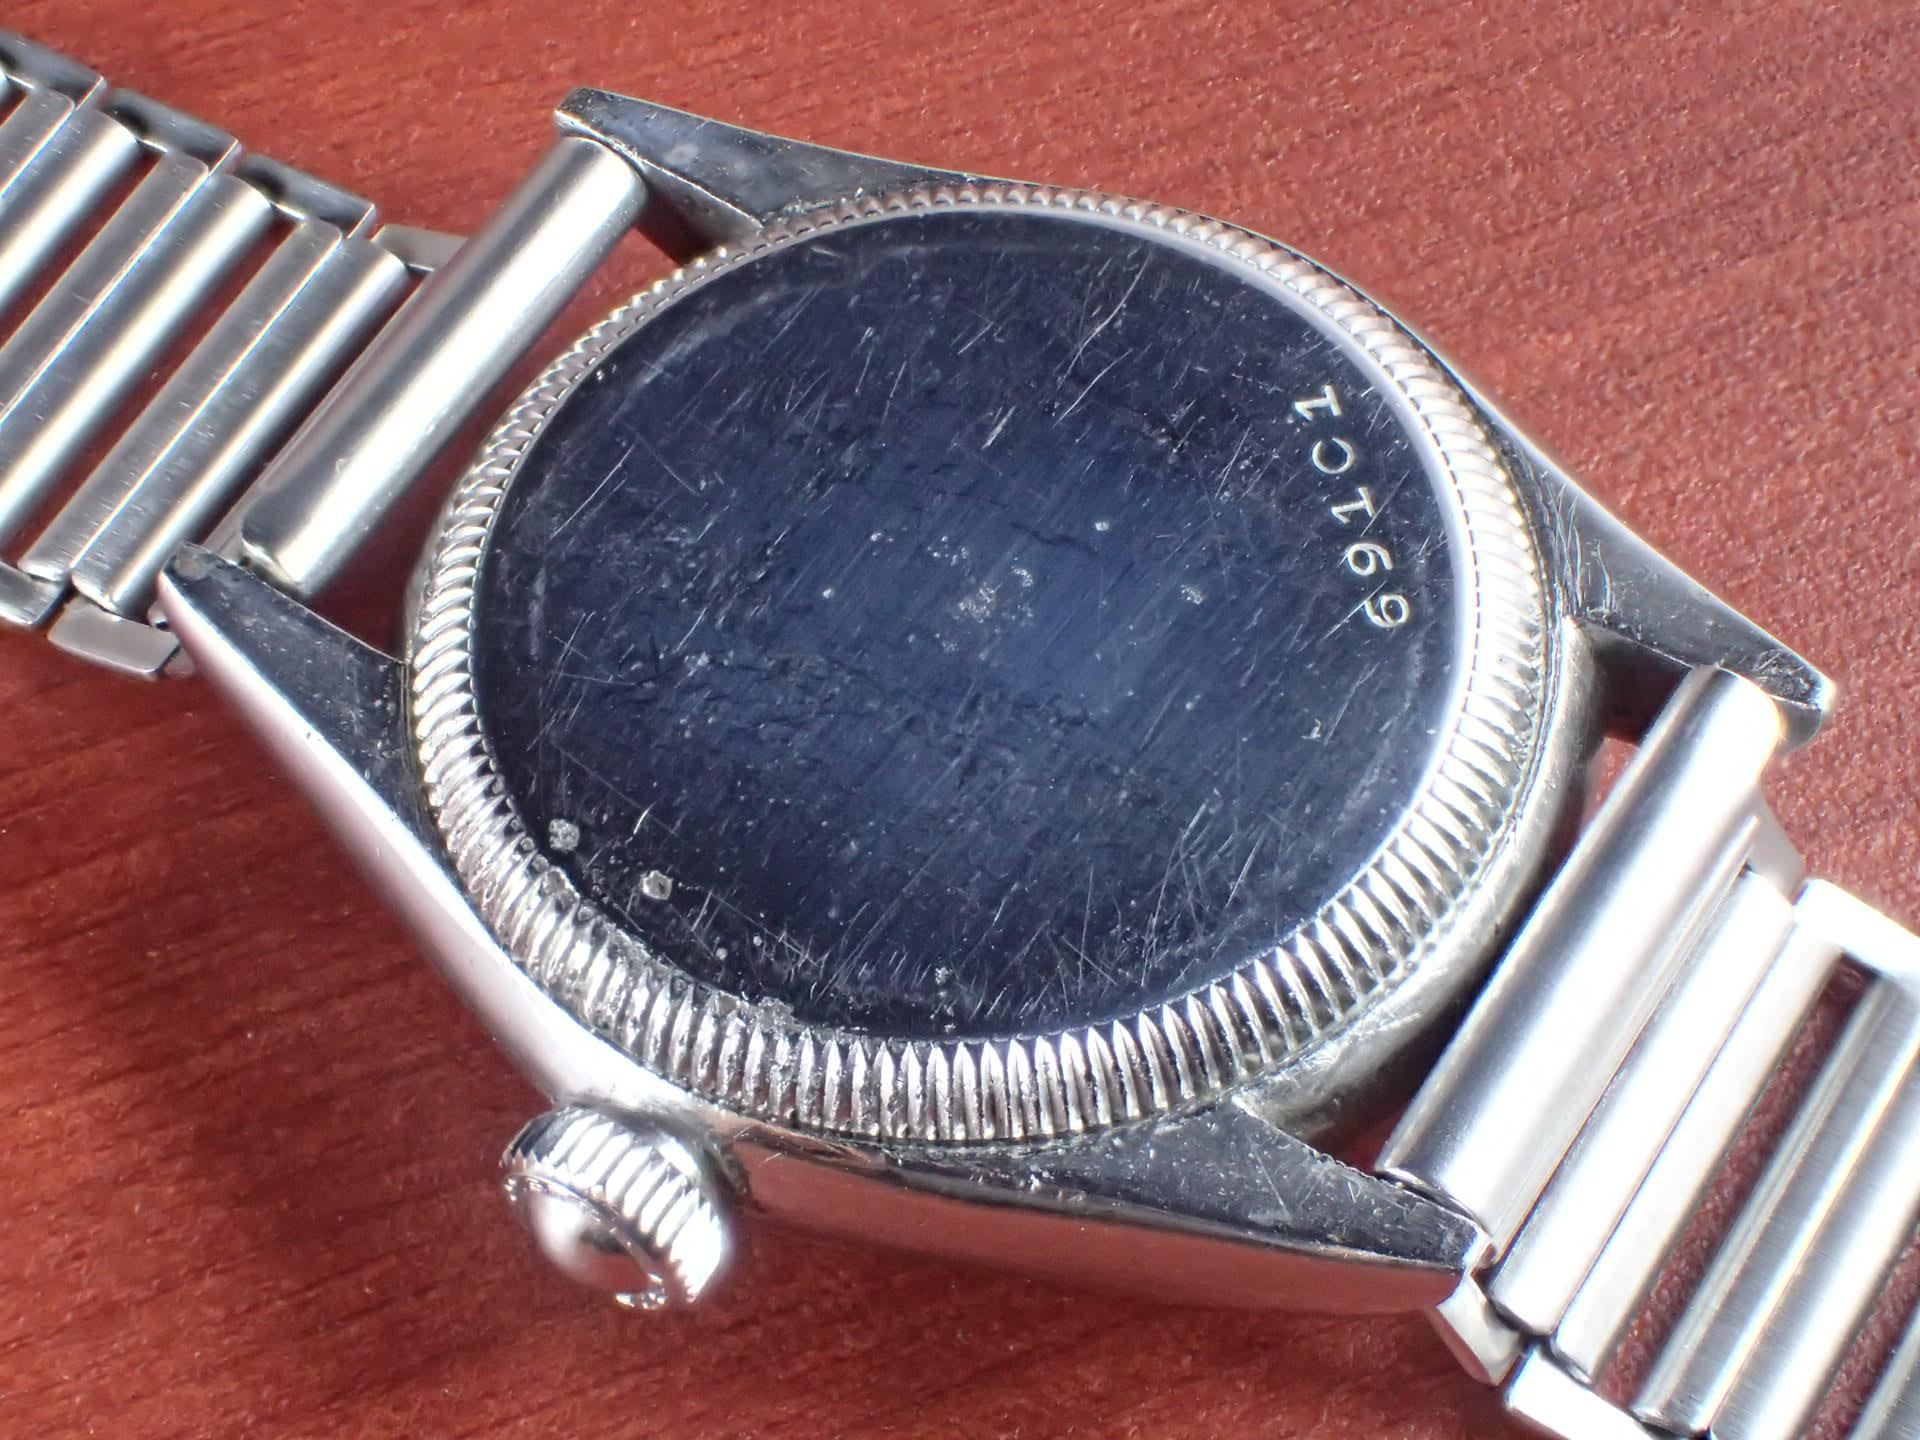 ロレックス オイスター インペリアル セクターダイアル 1930年代の写真4枚目